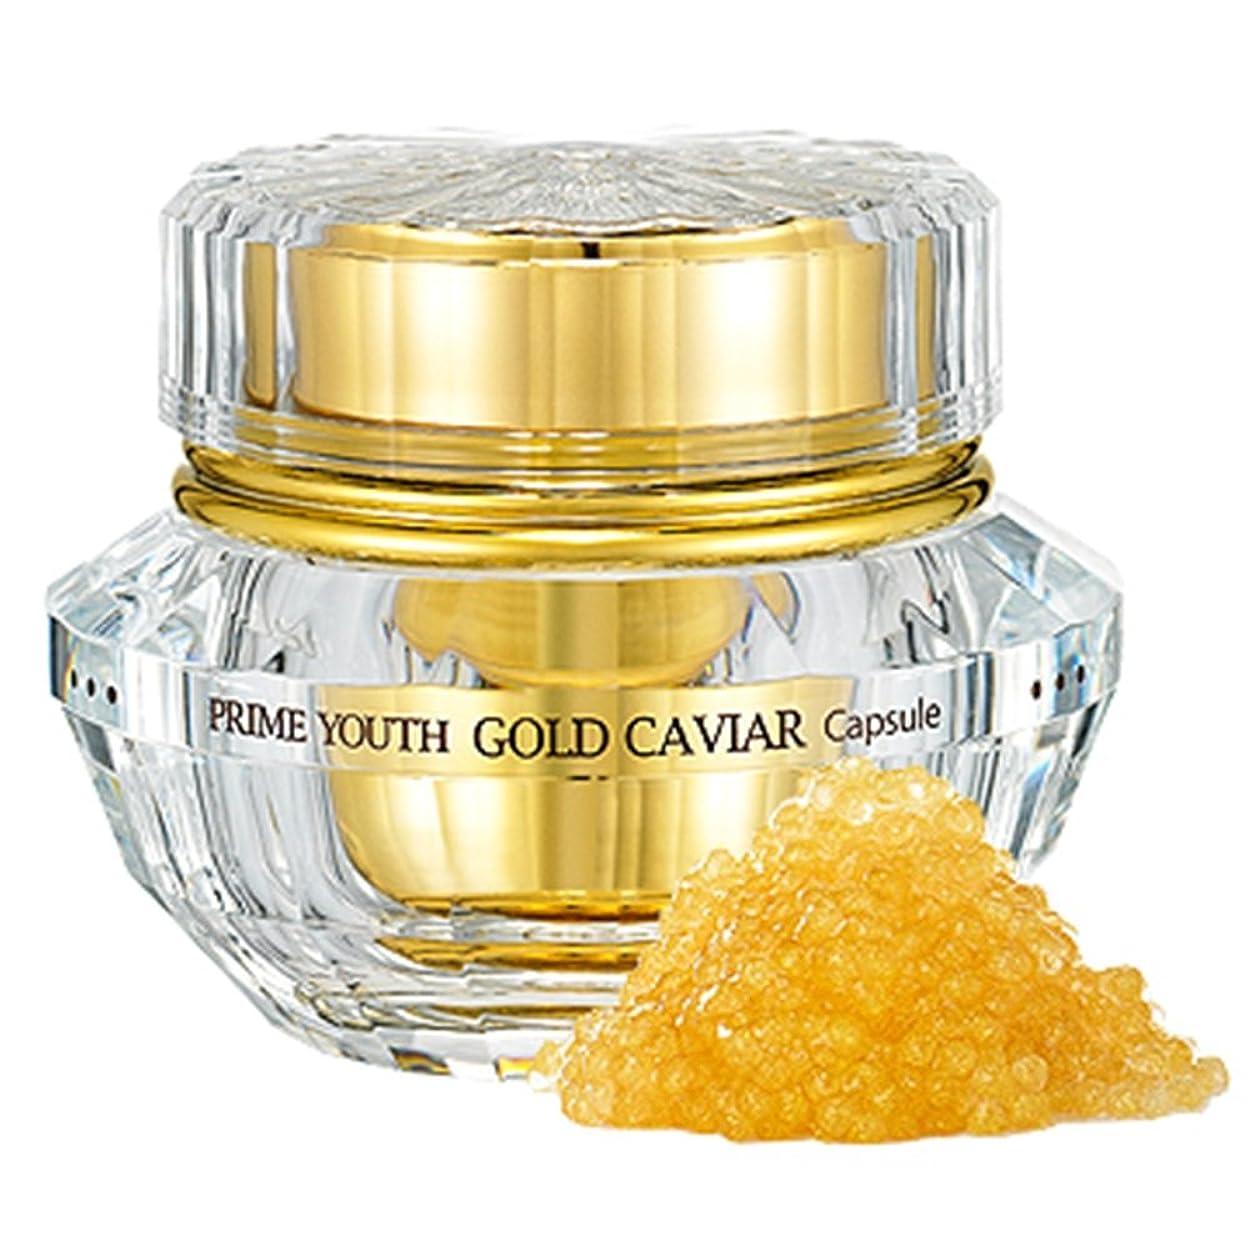 またはどちらか挽く護衛プライムユースゴールドキャビアカプセルprime youth gold caviar capsule 50g 001-MI [並行輸入品]